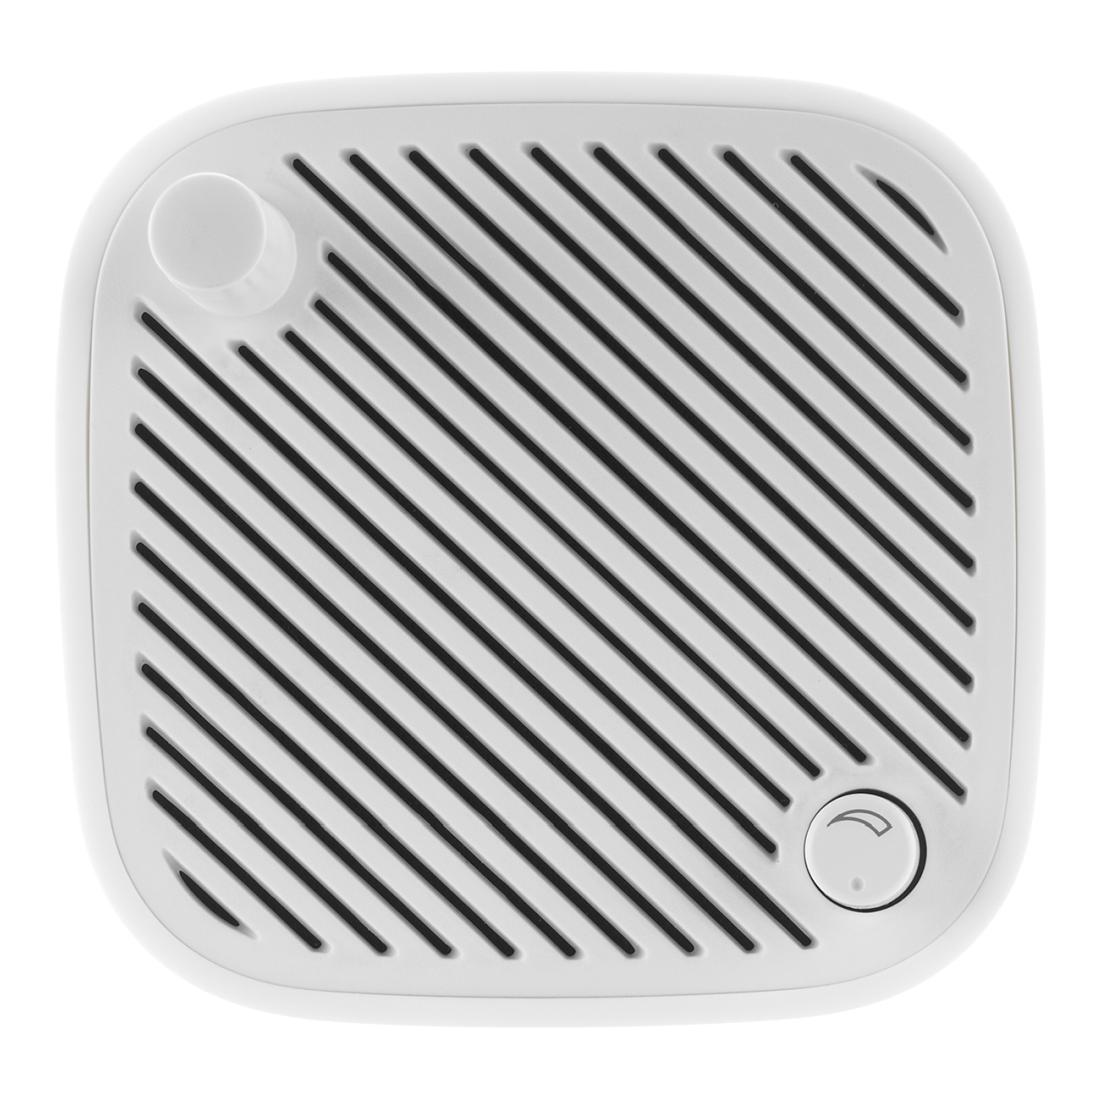 Der 360 Grad Lautsprecher vom sonoro GoLondon Audiosystem